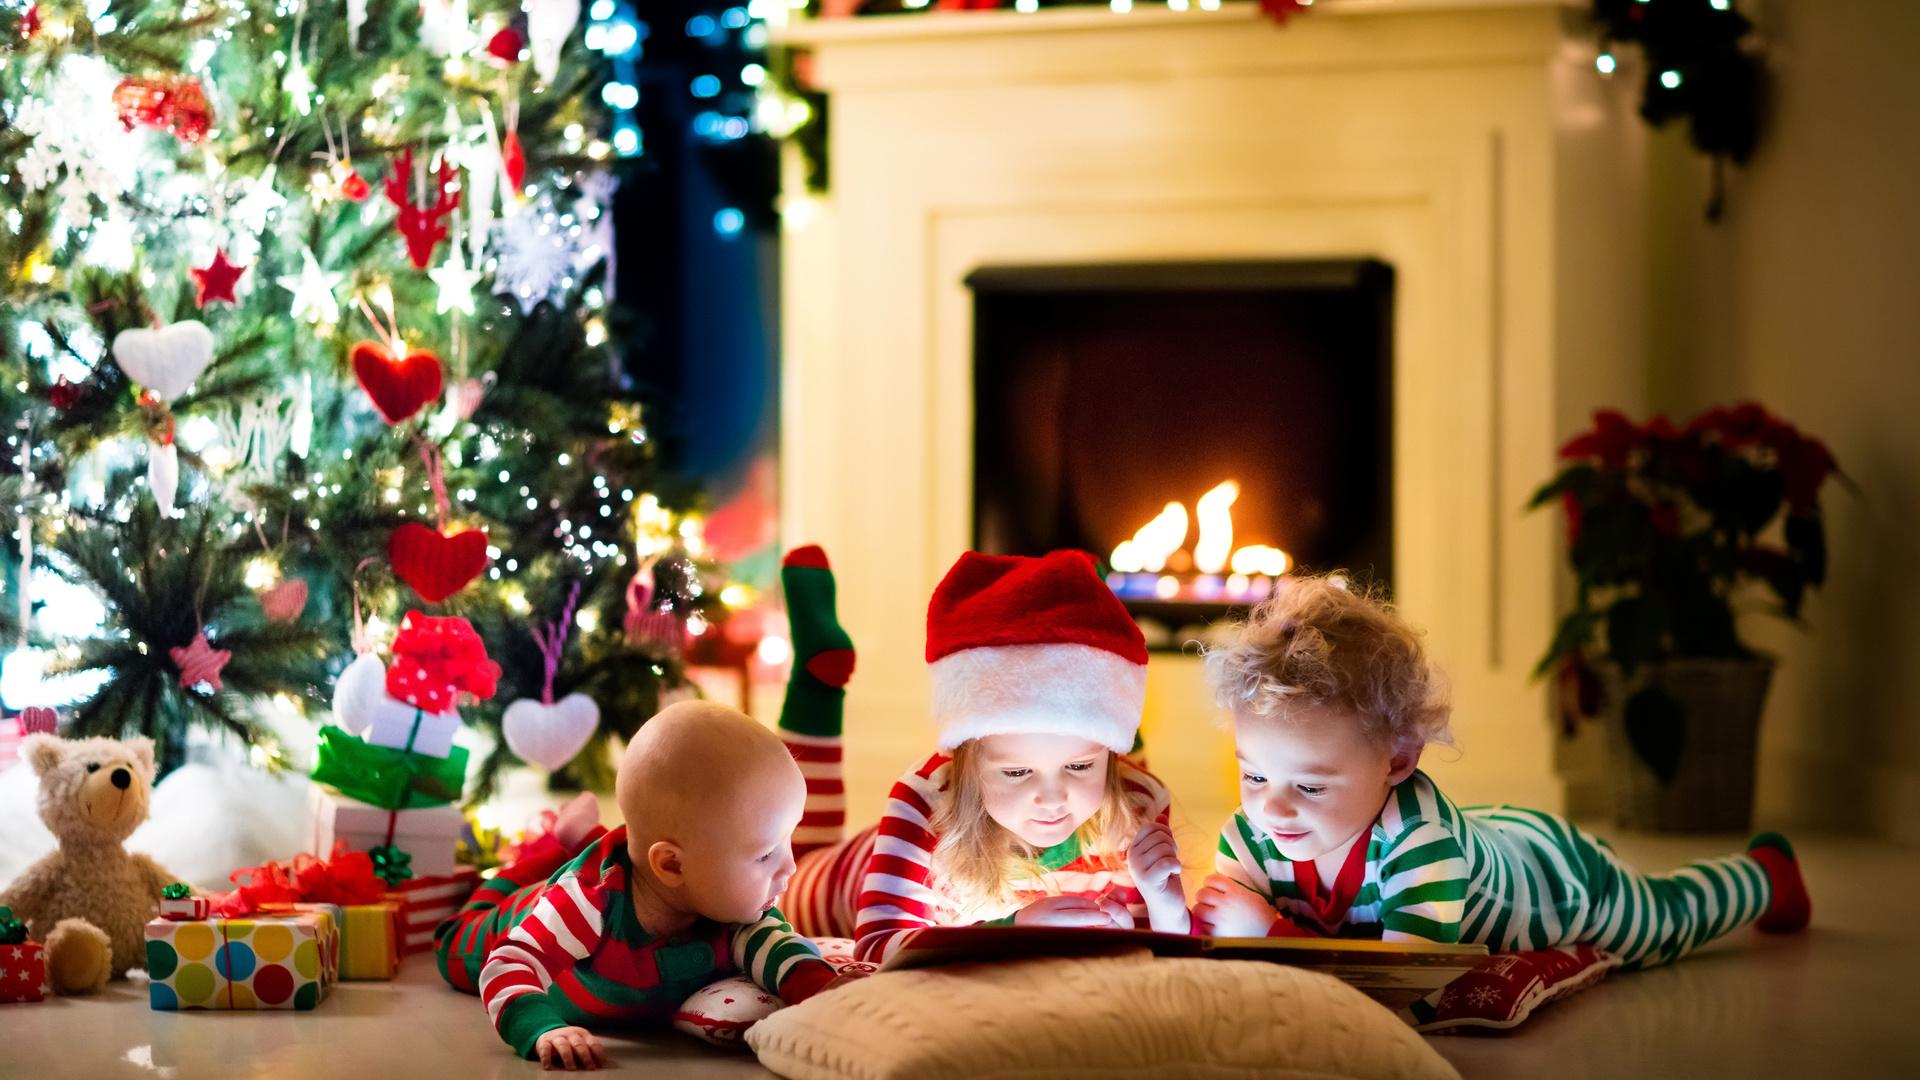 Днем учителя, картинки новогодние ребенка